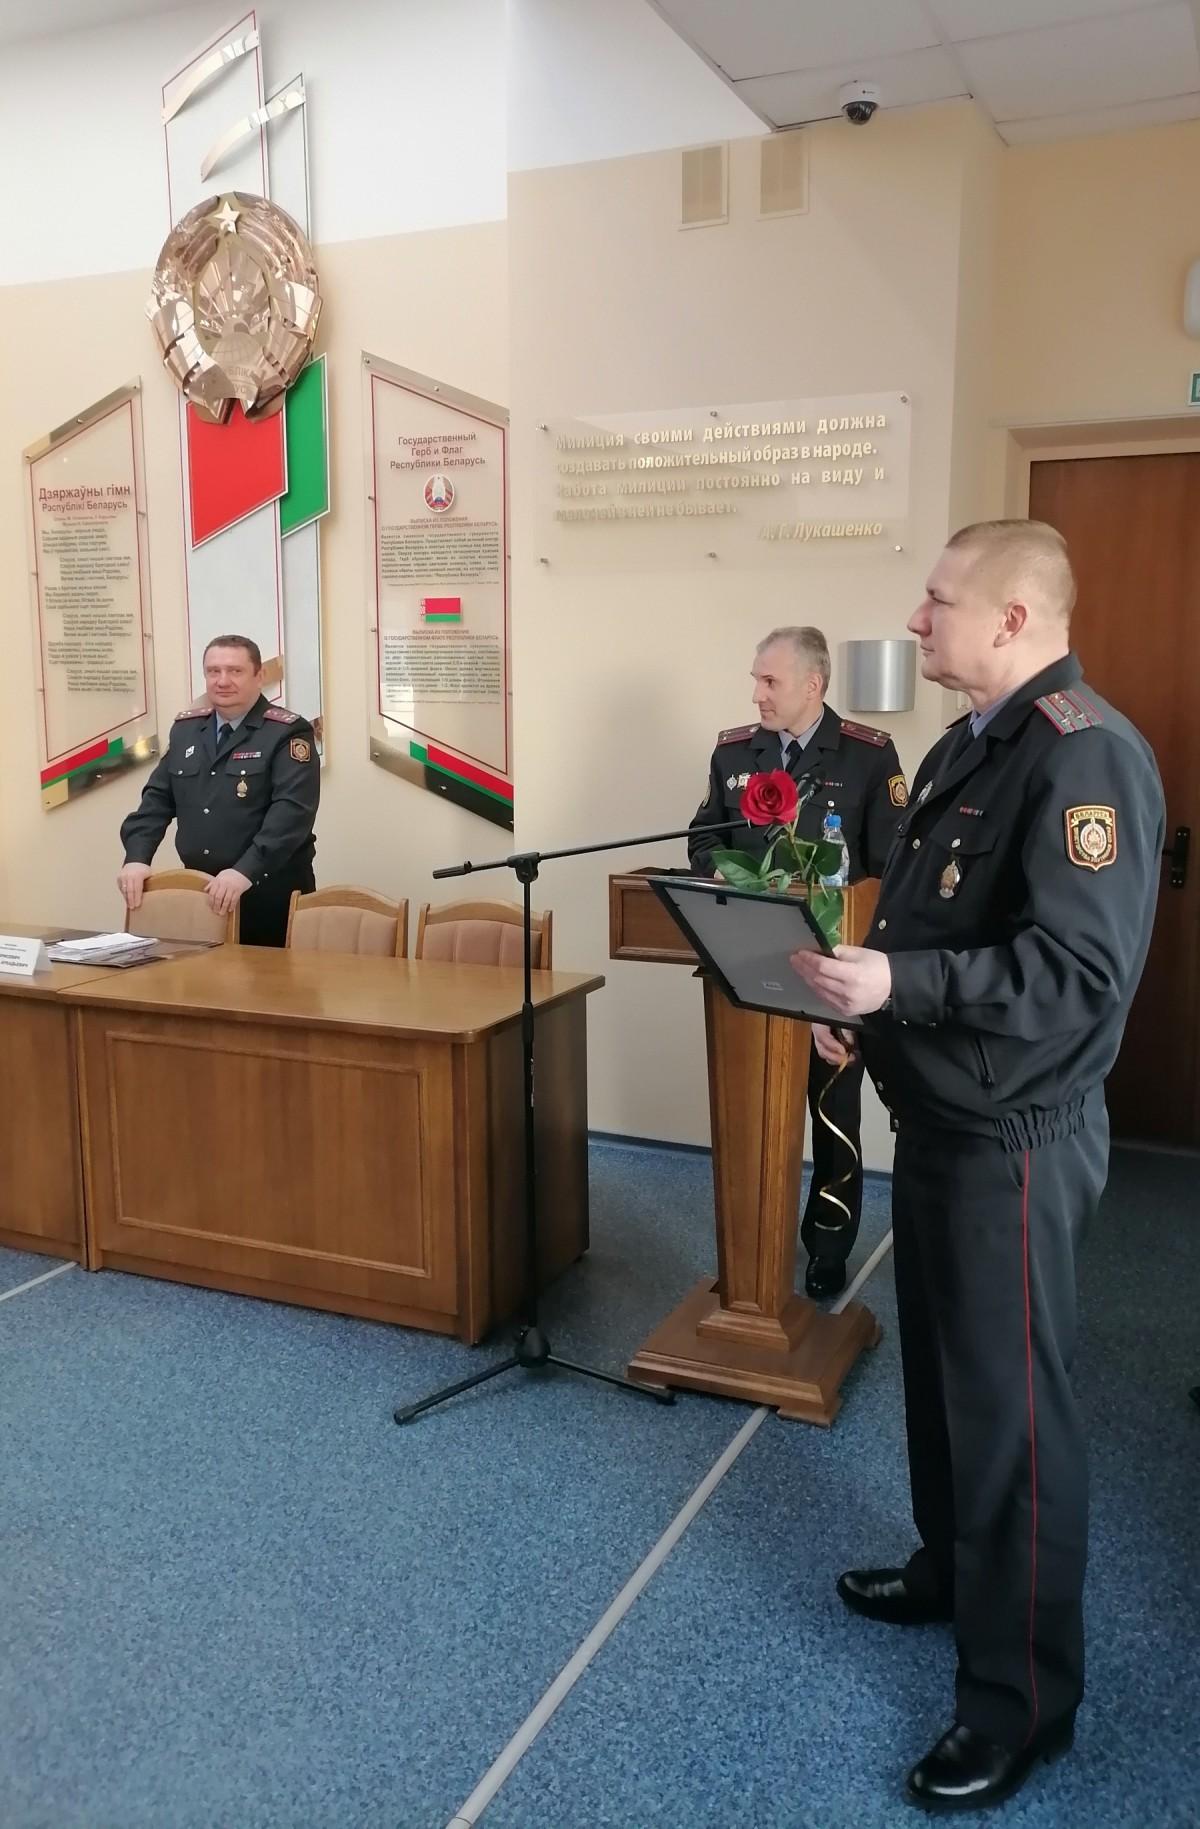 В Бобруйском отделе Департамента охраны подвели итоги